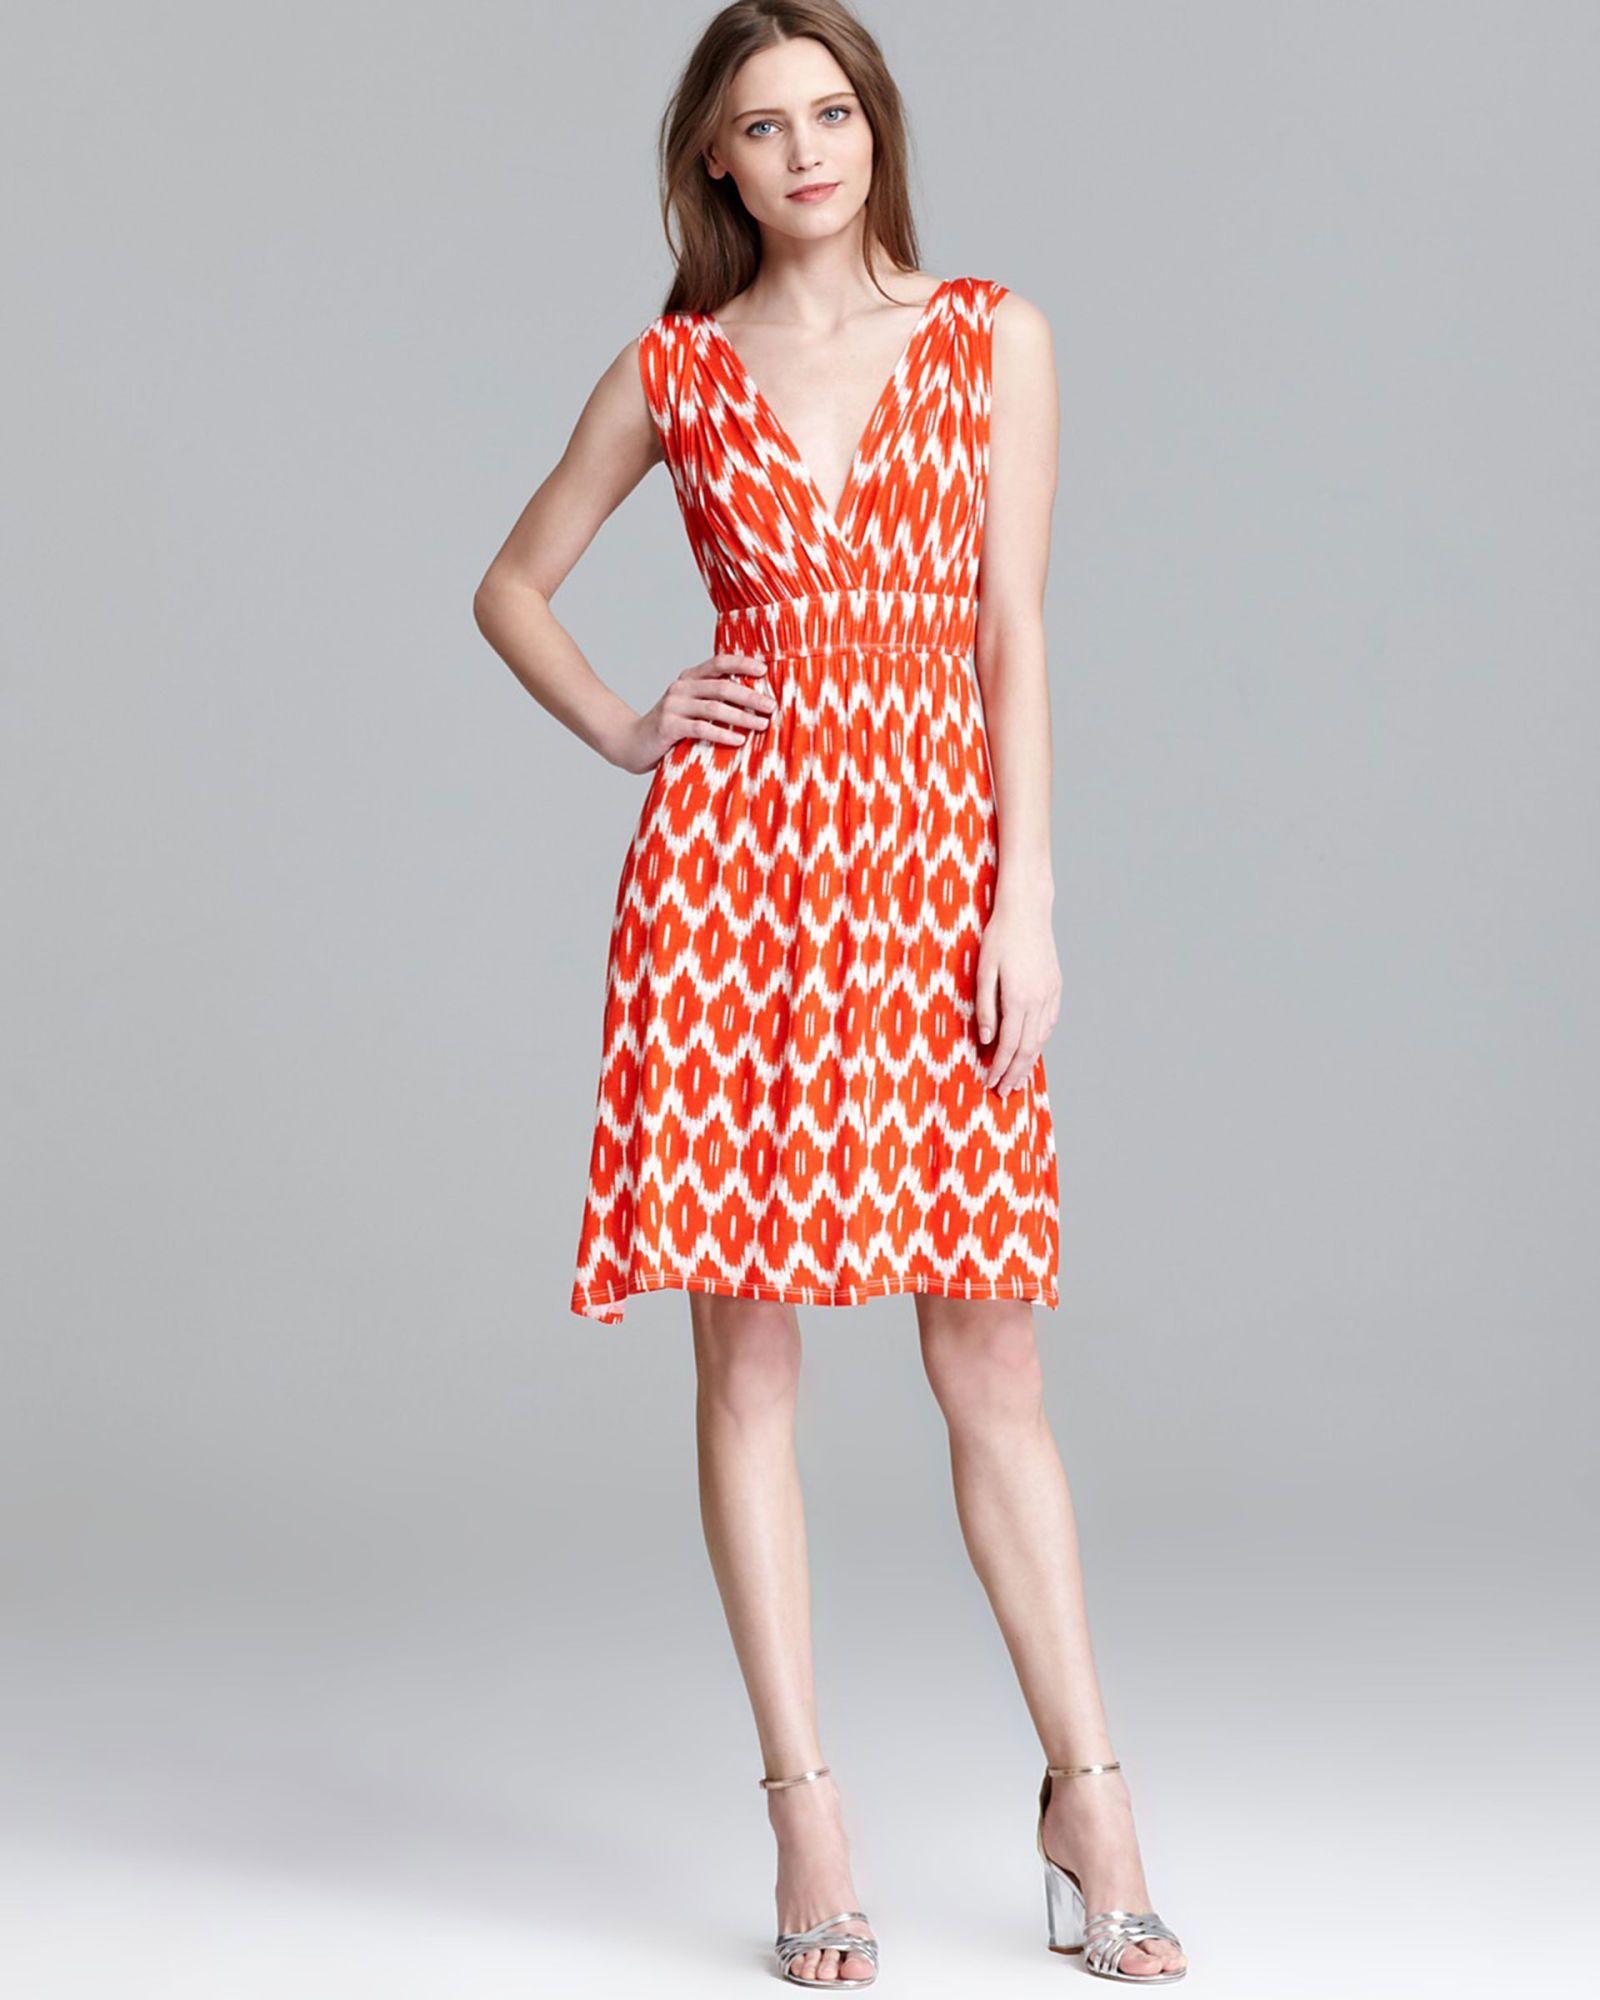 orange patterned summer dress